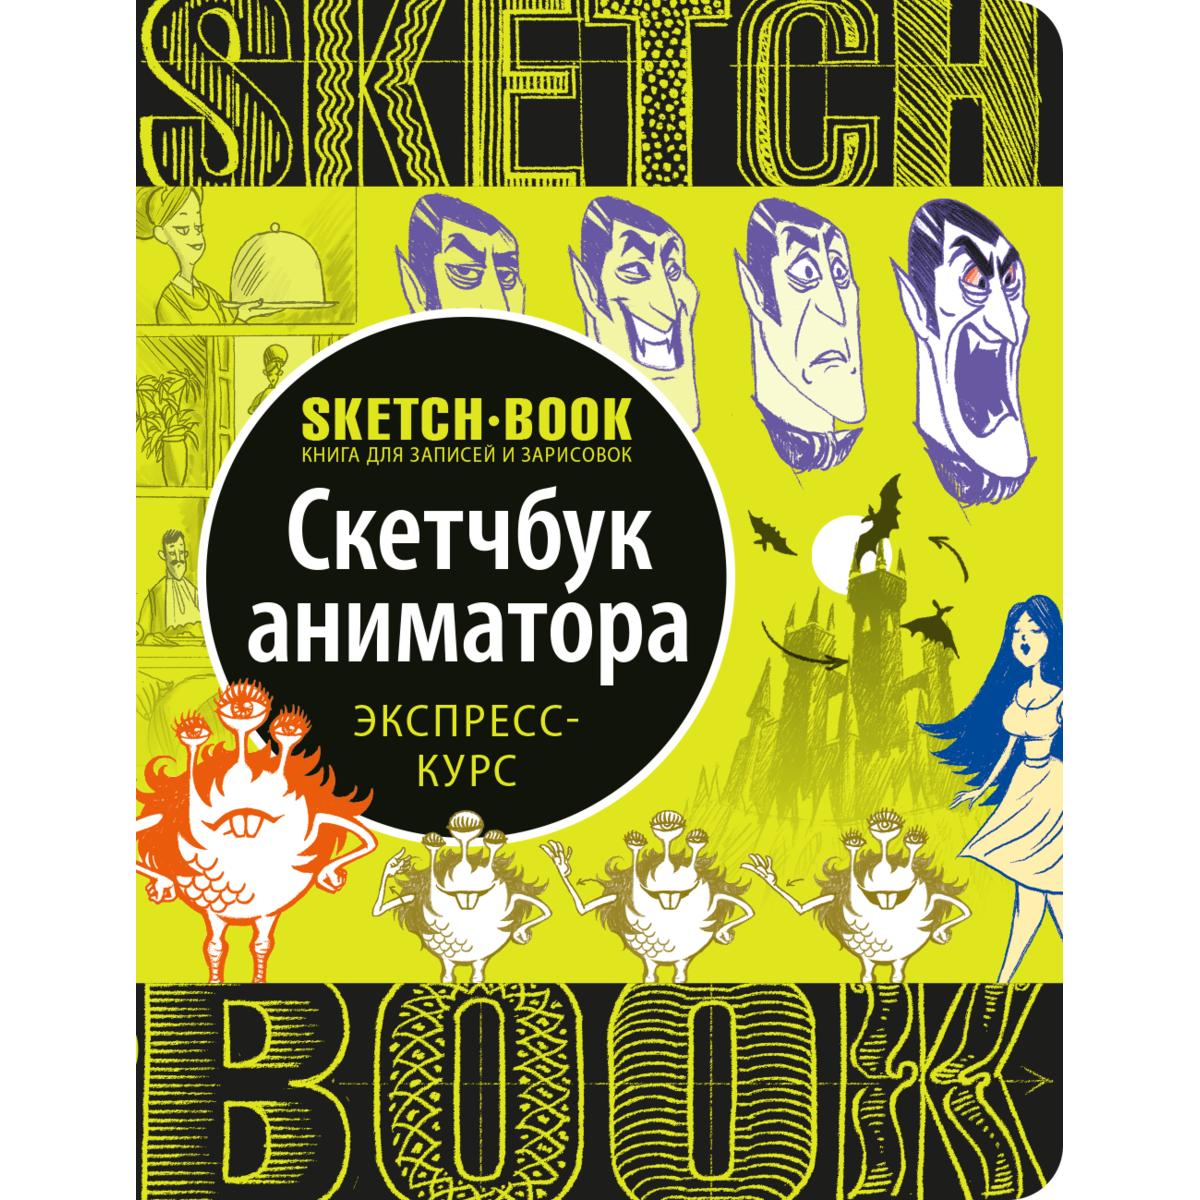 Скетчбук аниматора на русском языке.